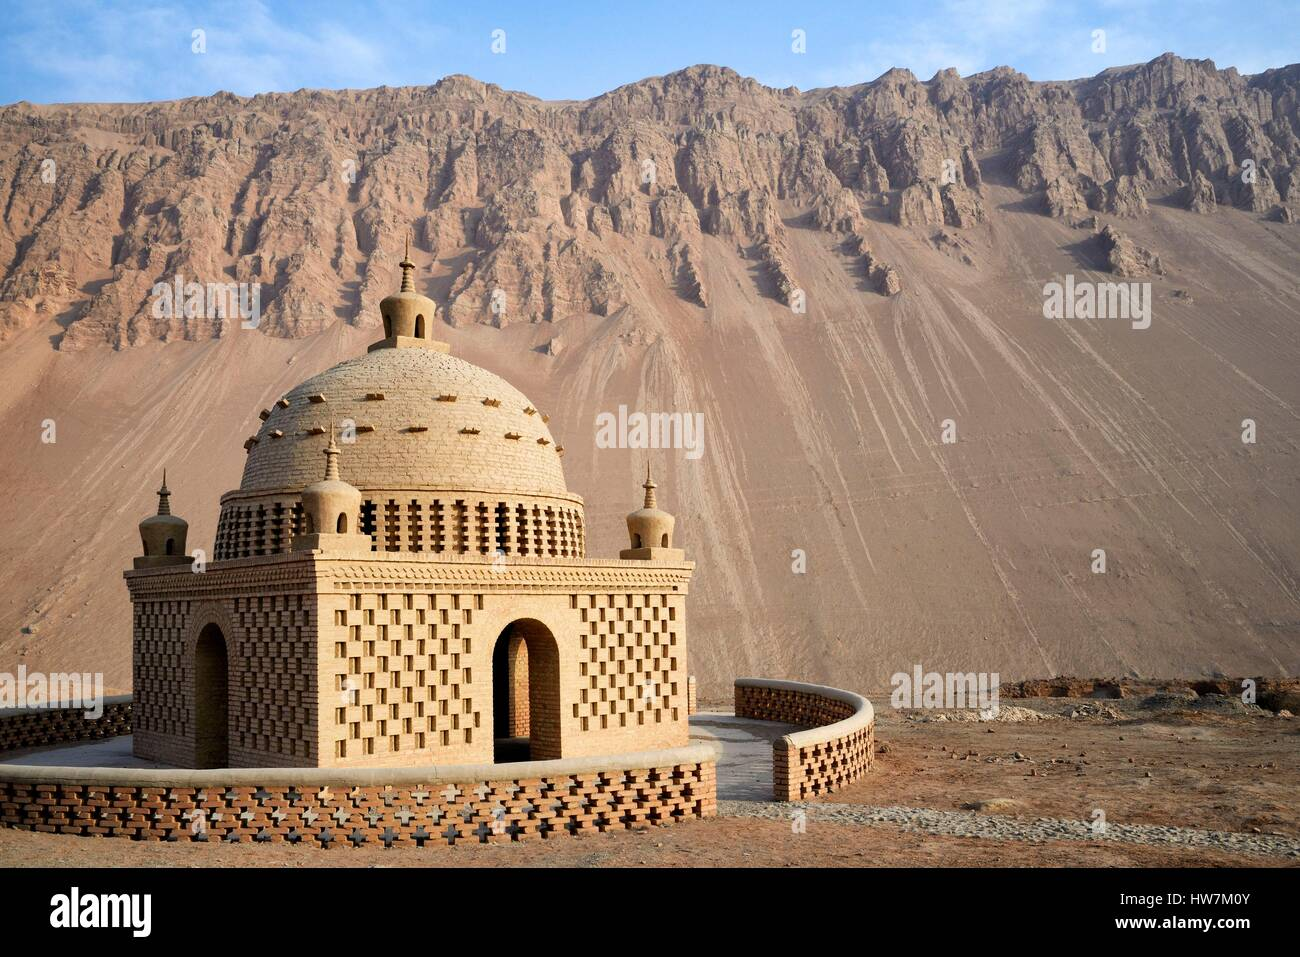 China, Xinjiang Uyghur Autonomous Region, Turpan (Turfan, Tulufan), Flaming Mountains - Stock Image